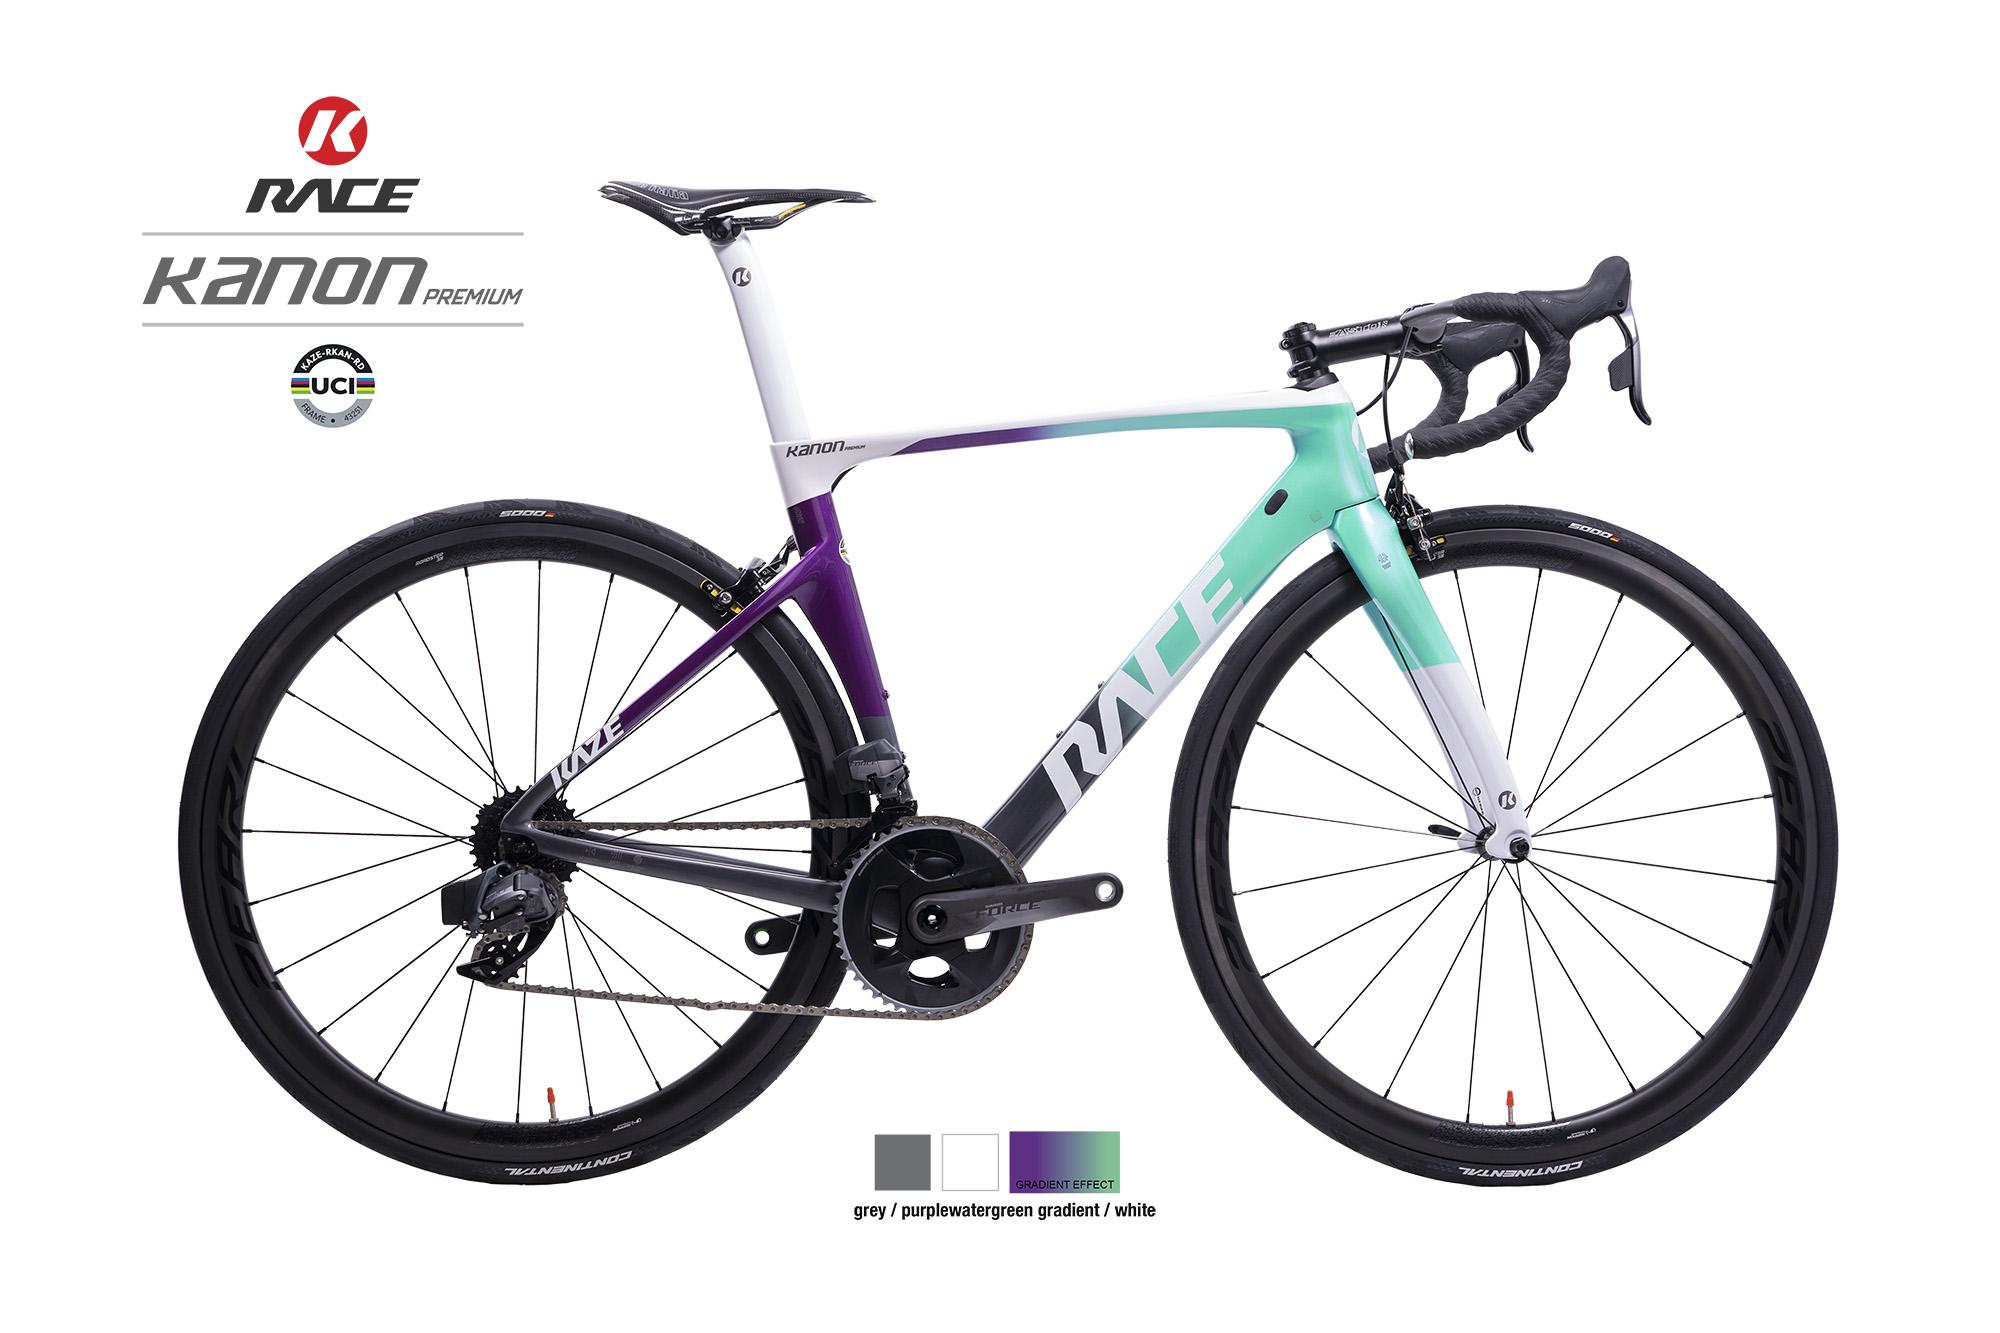 KAZE RACE |KANON Premium